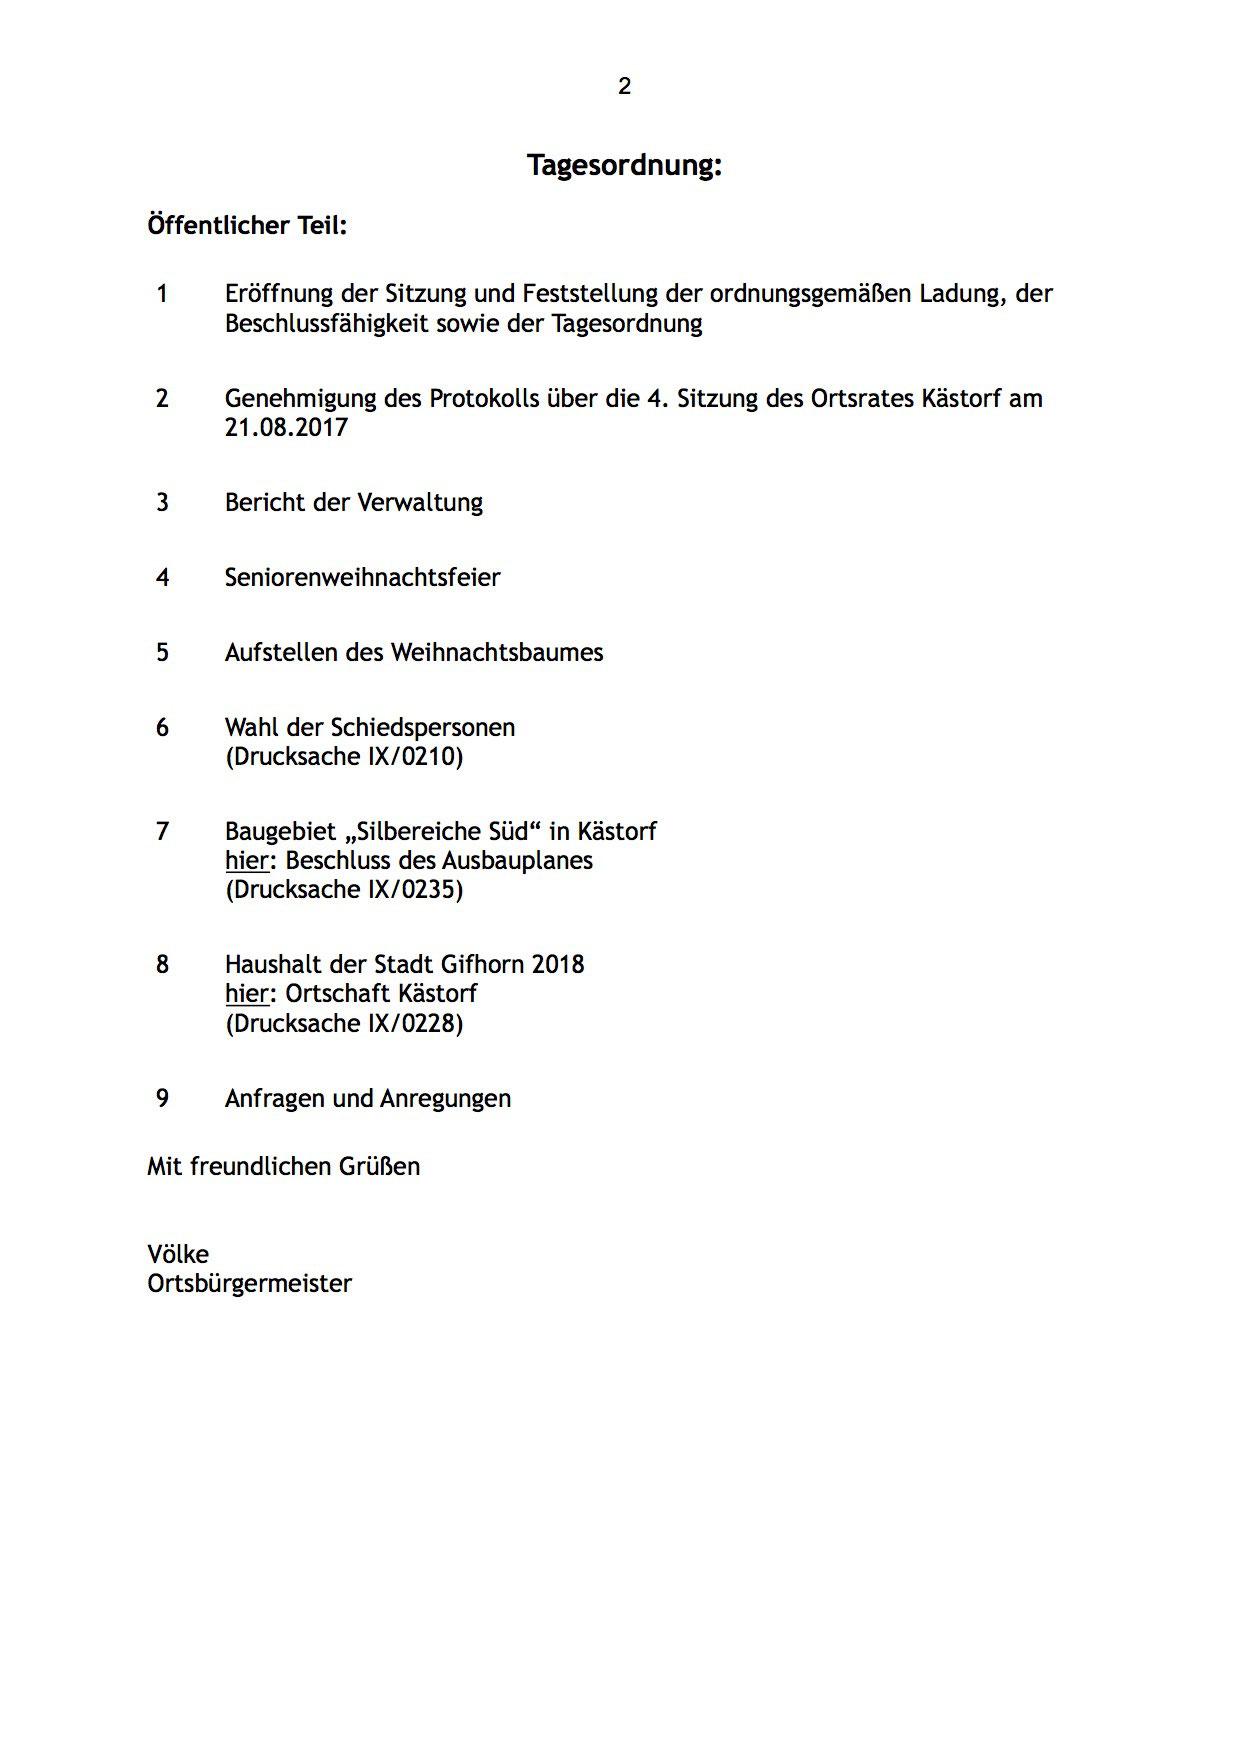 Der Ortsrat tagt am Montag dem 6.11. - Kästorf